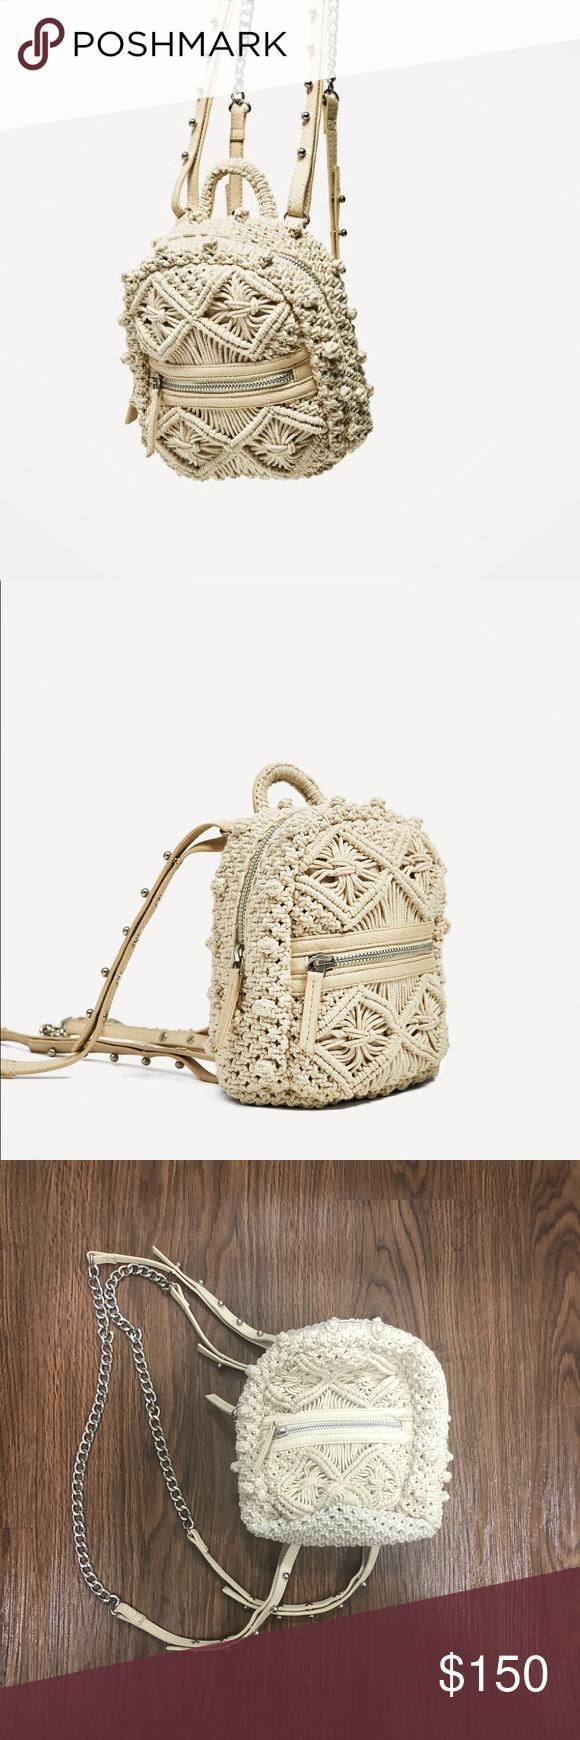 e683506103 Zara Macrame mini backpack Used